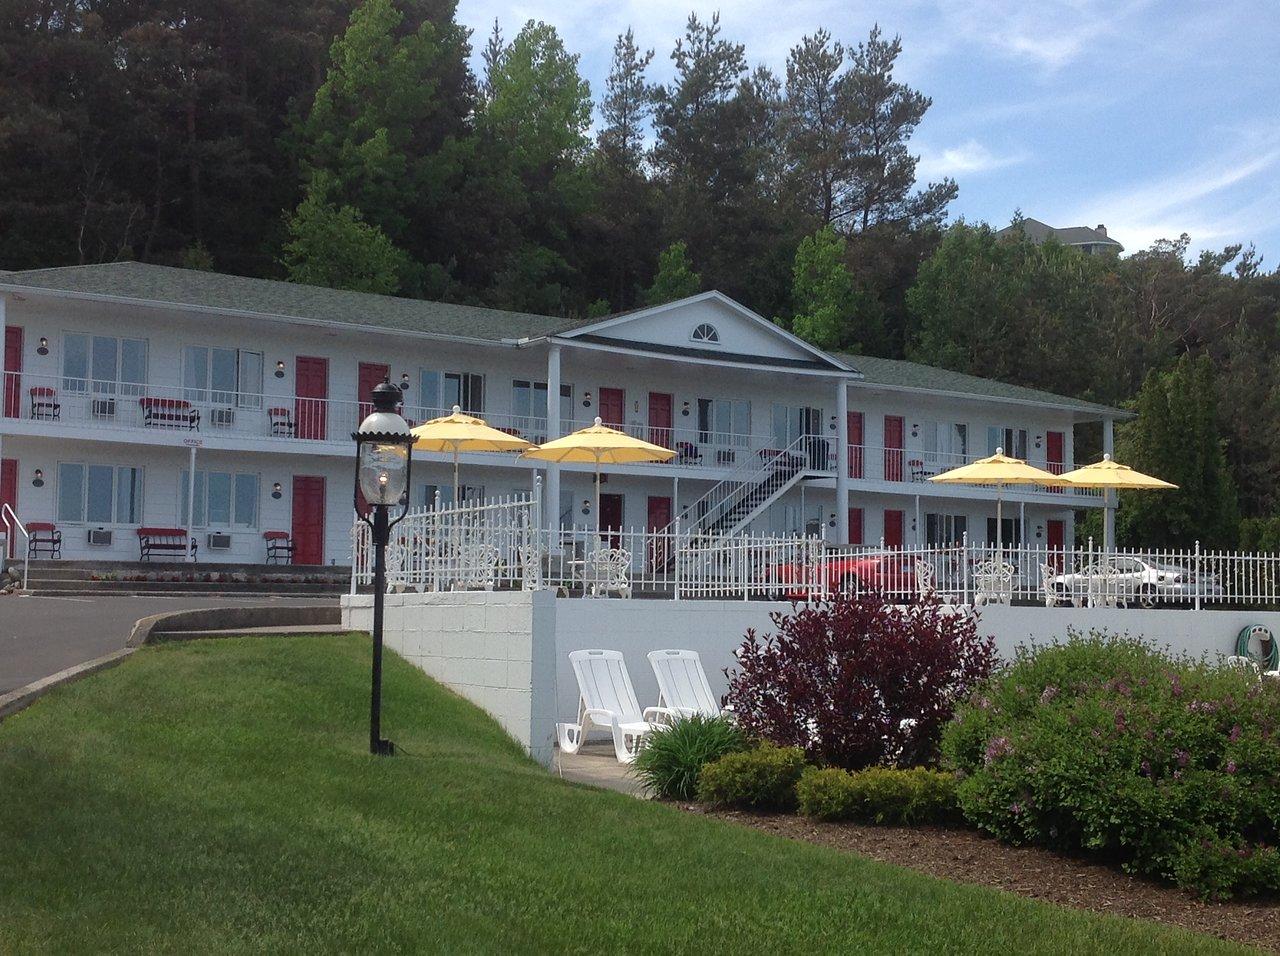 bay inn petoskey 89 1 1 1 prices motel reviews mi rh tripadvisor com